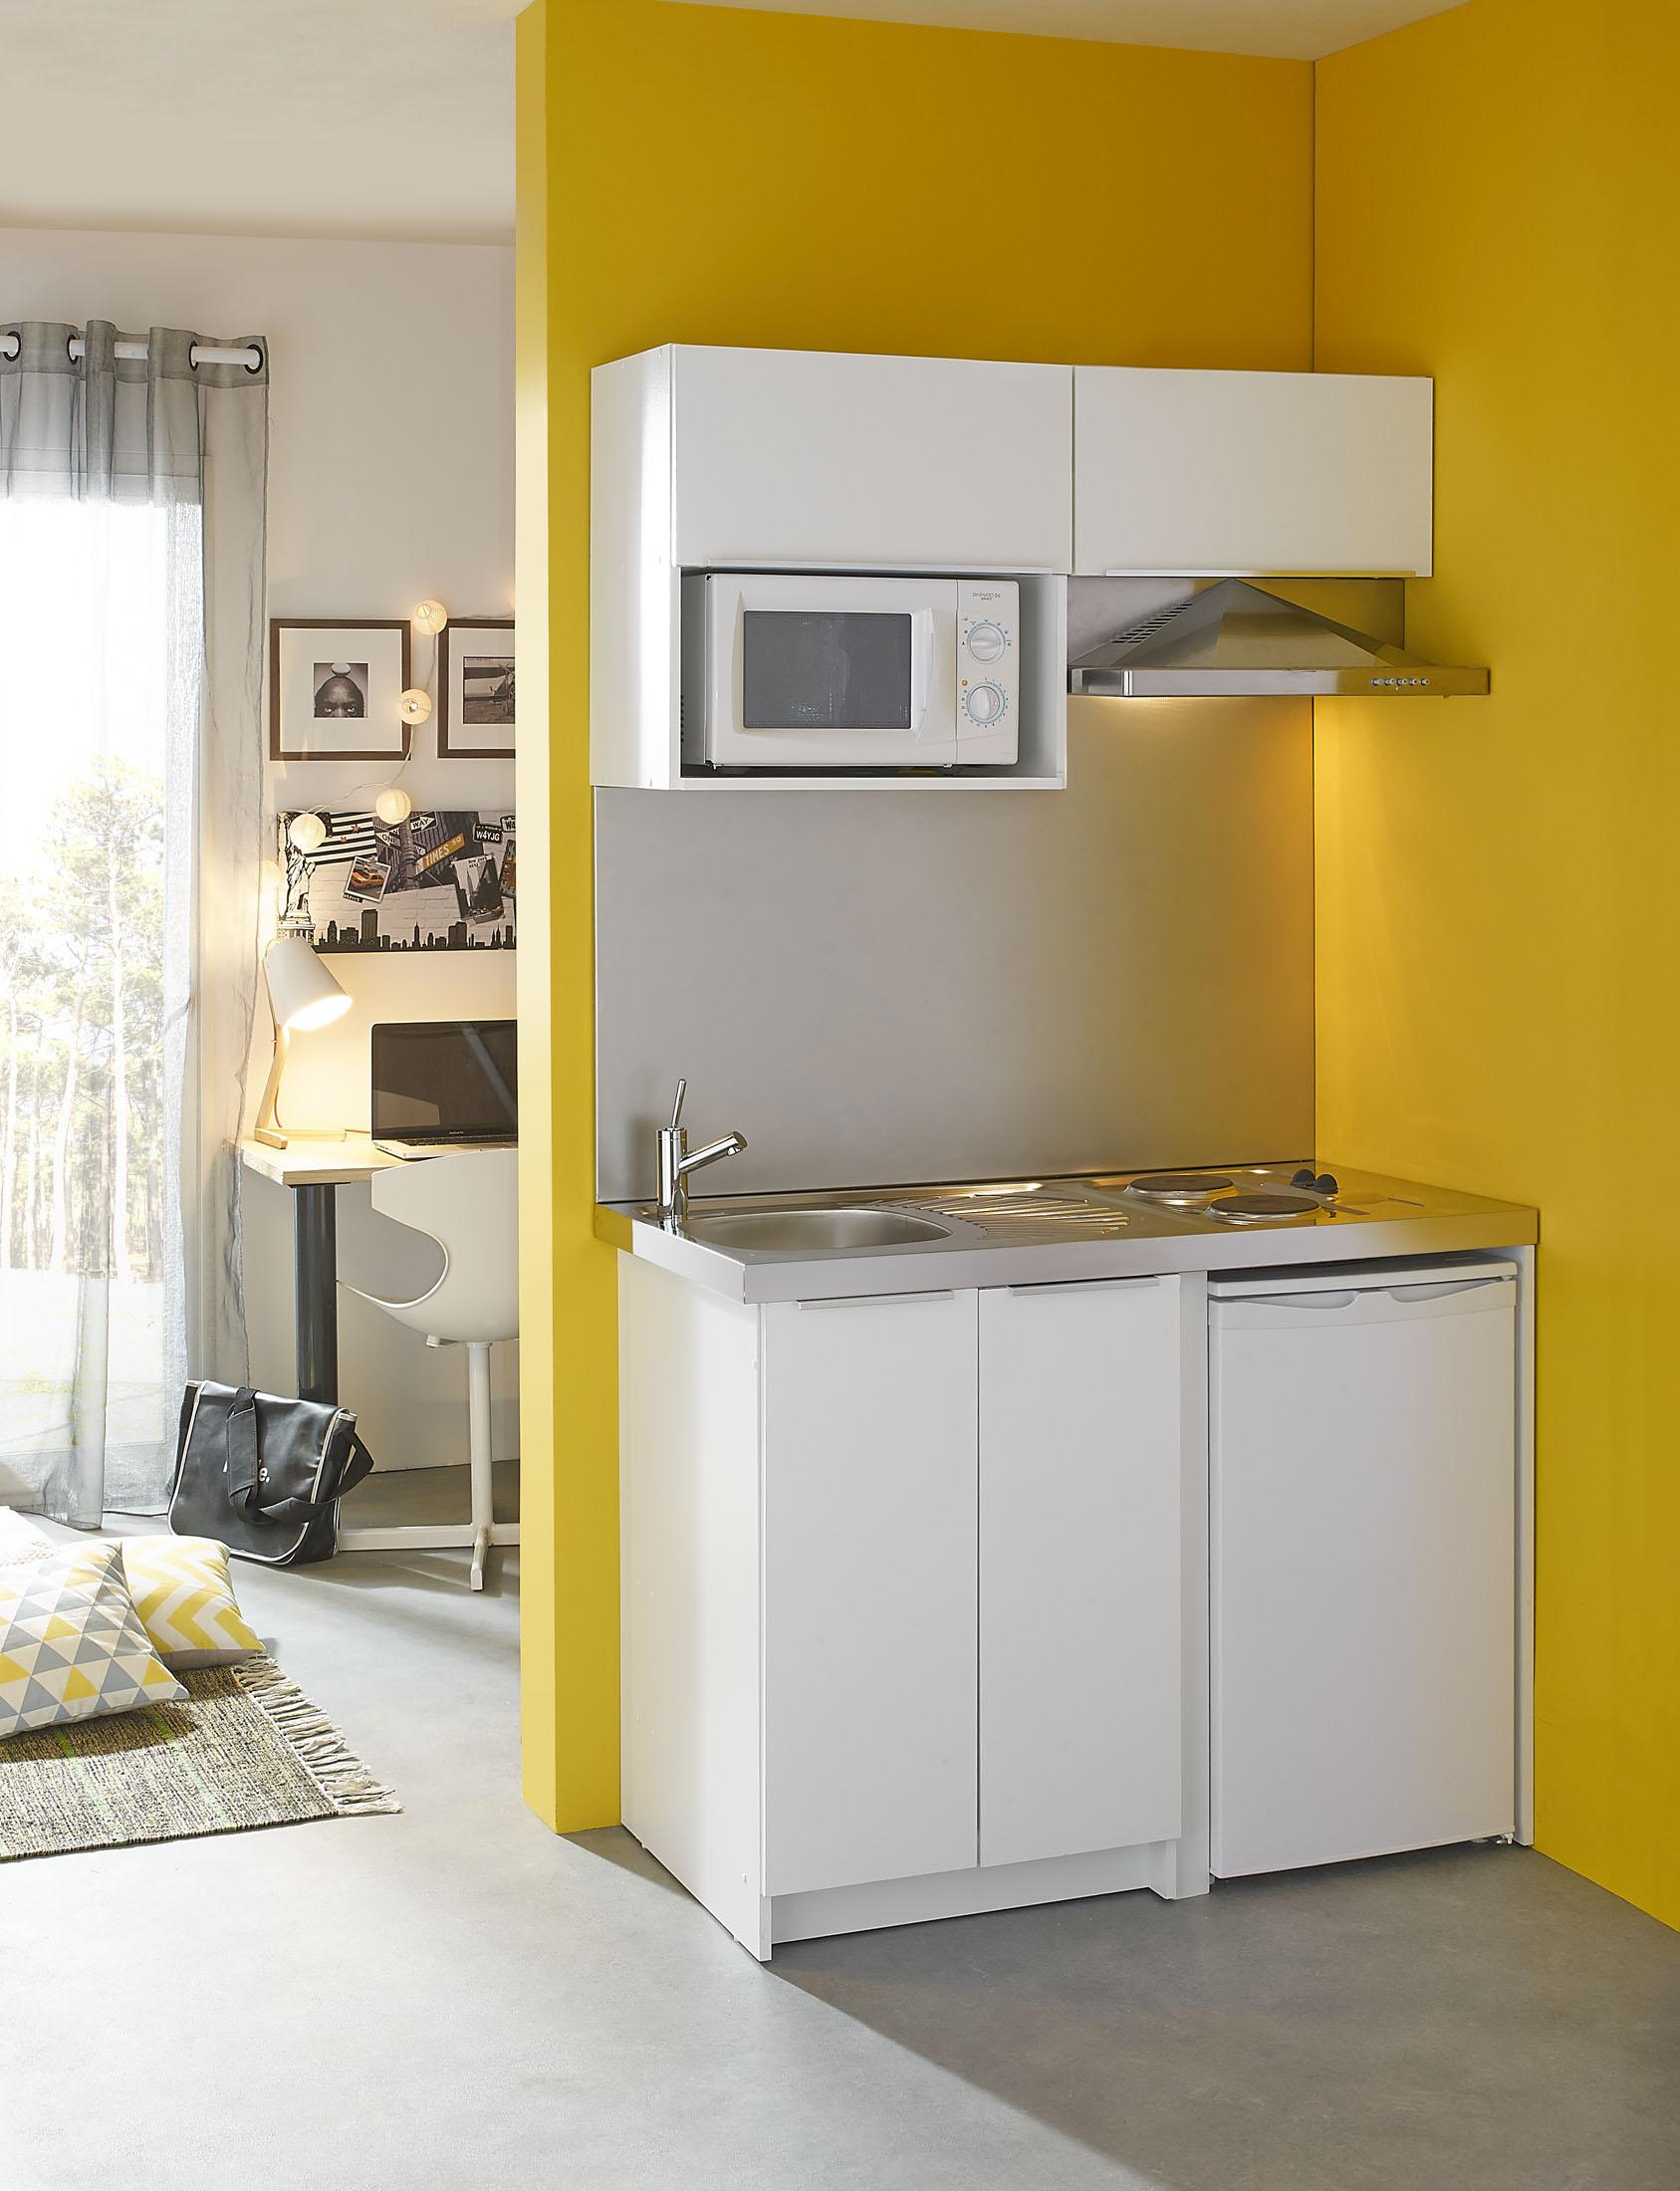 Ambiance en décors studio d'une cuisine d'étudiant avec stylisme